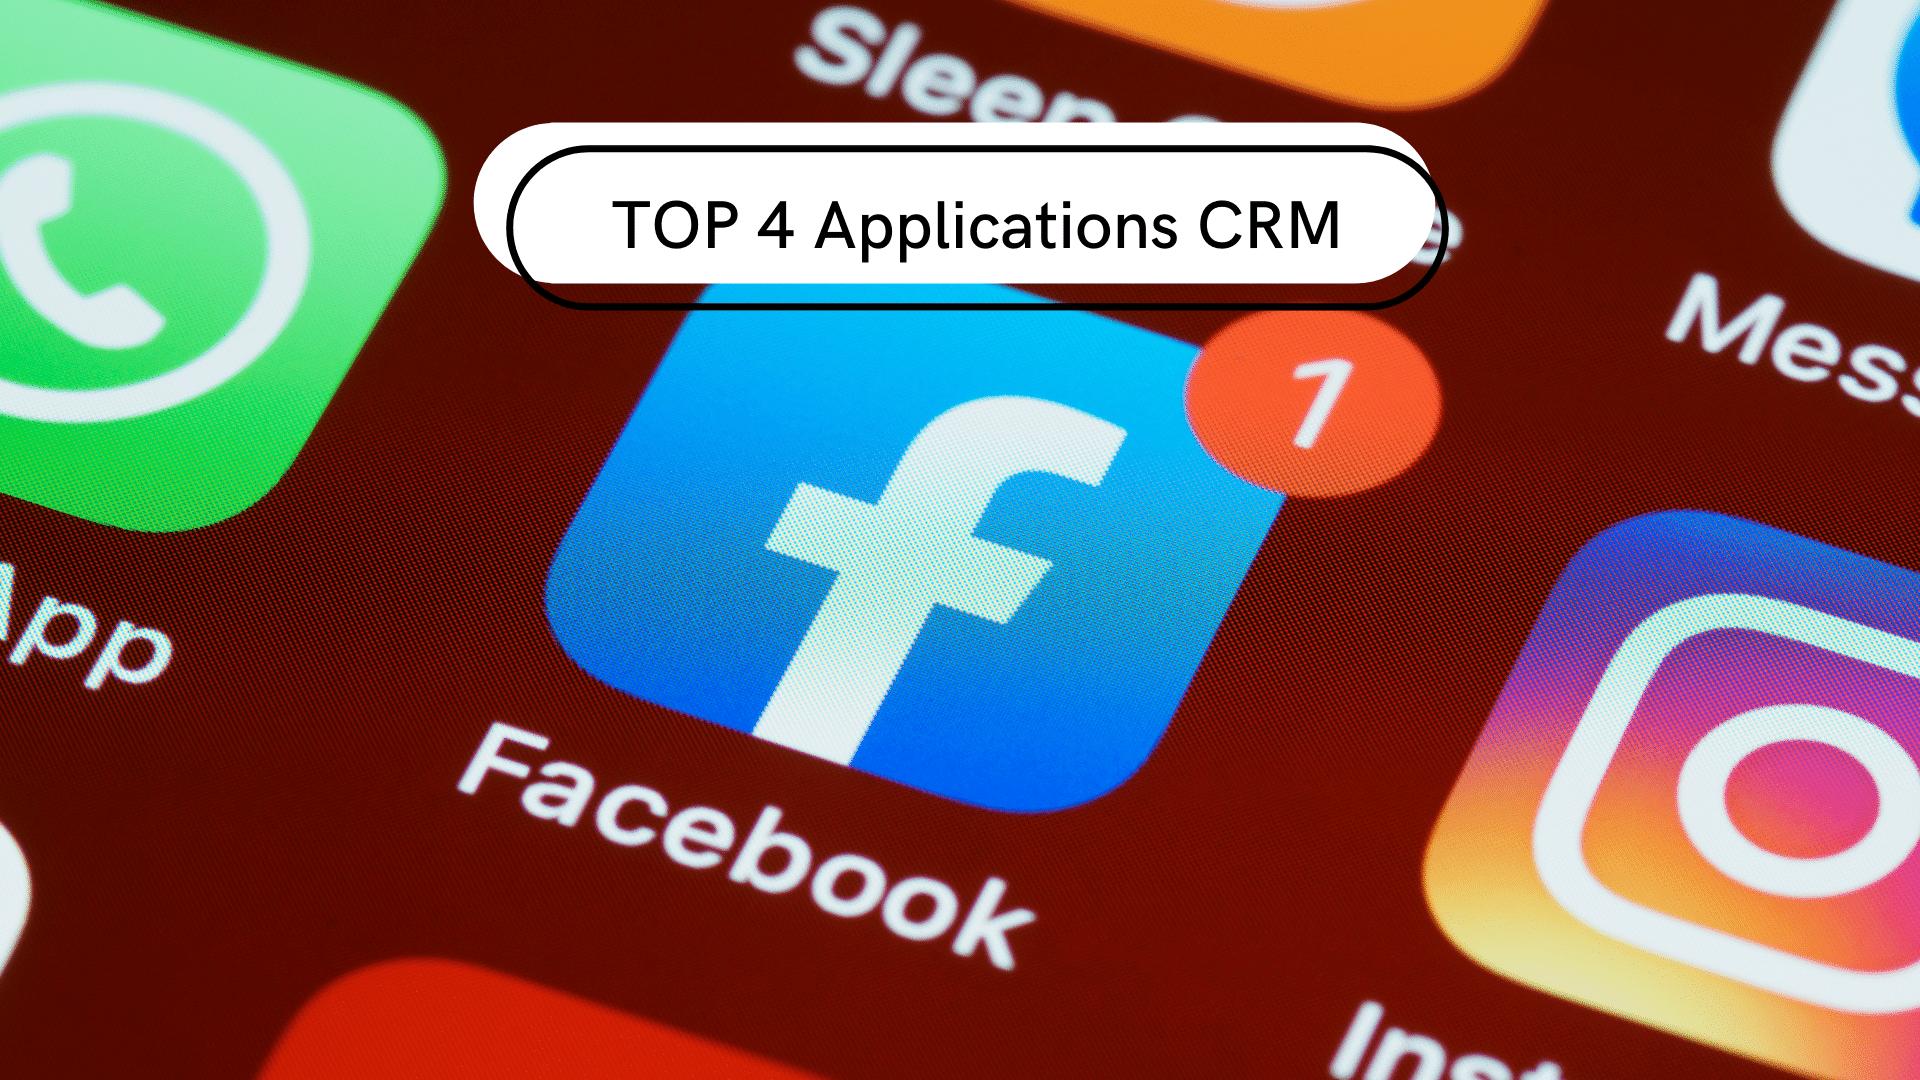 TOP 4 Applications CRM